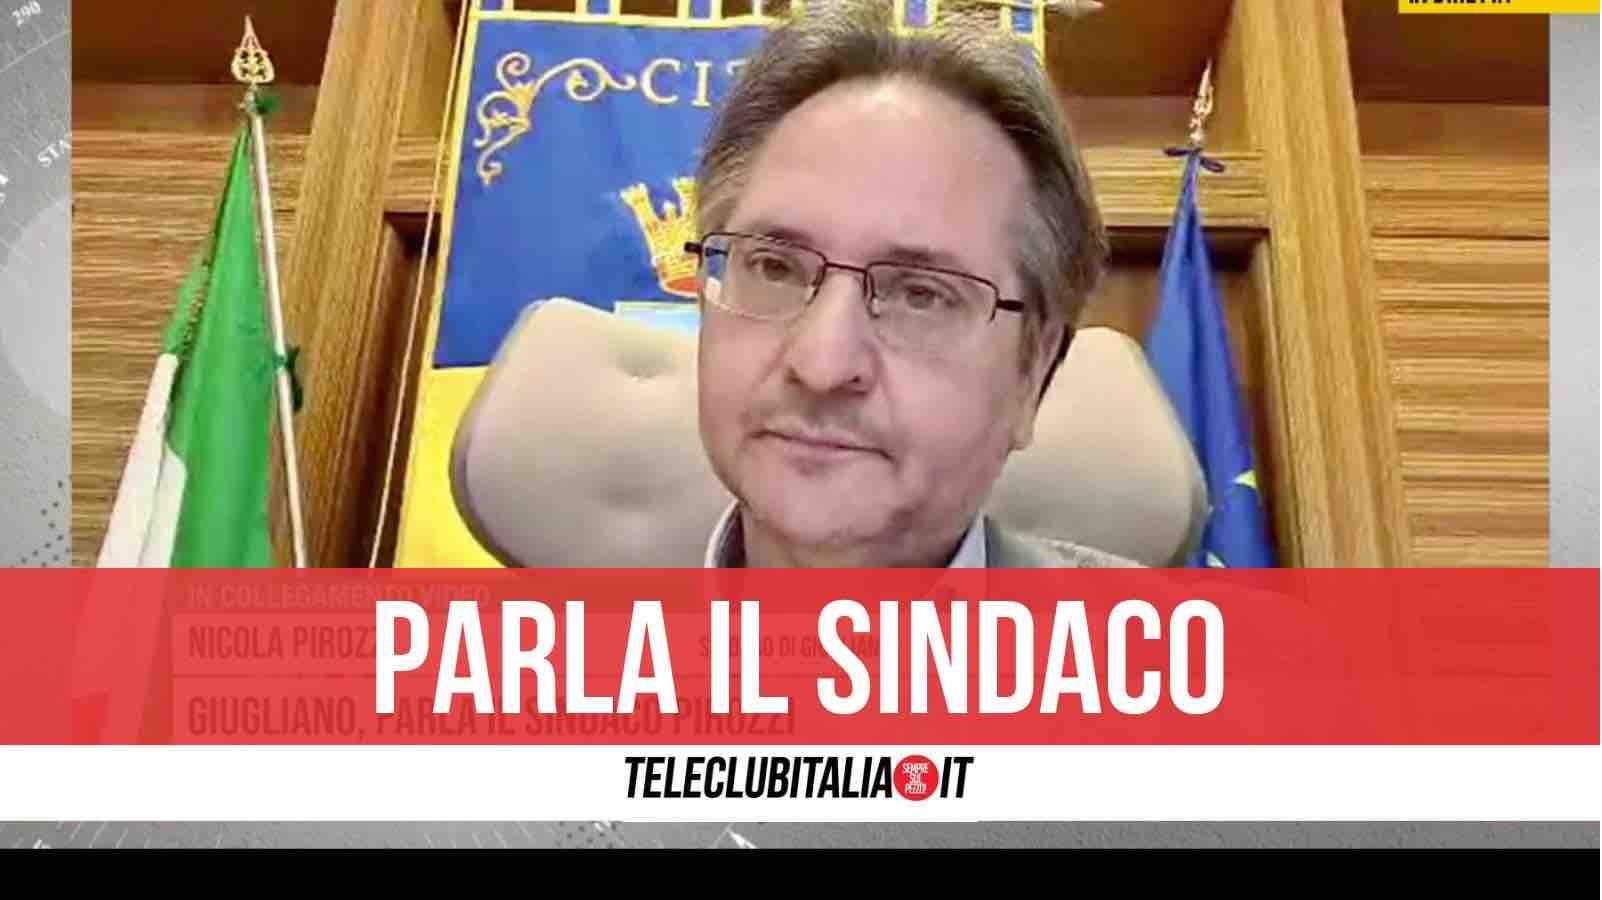 sindaco pirozzi giugliano